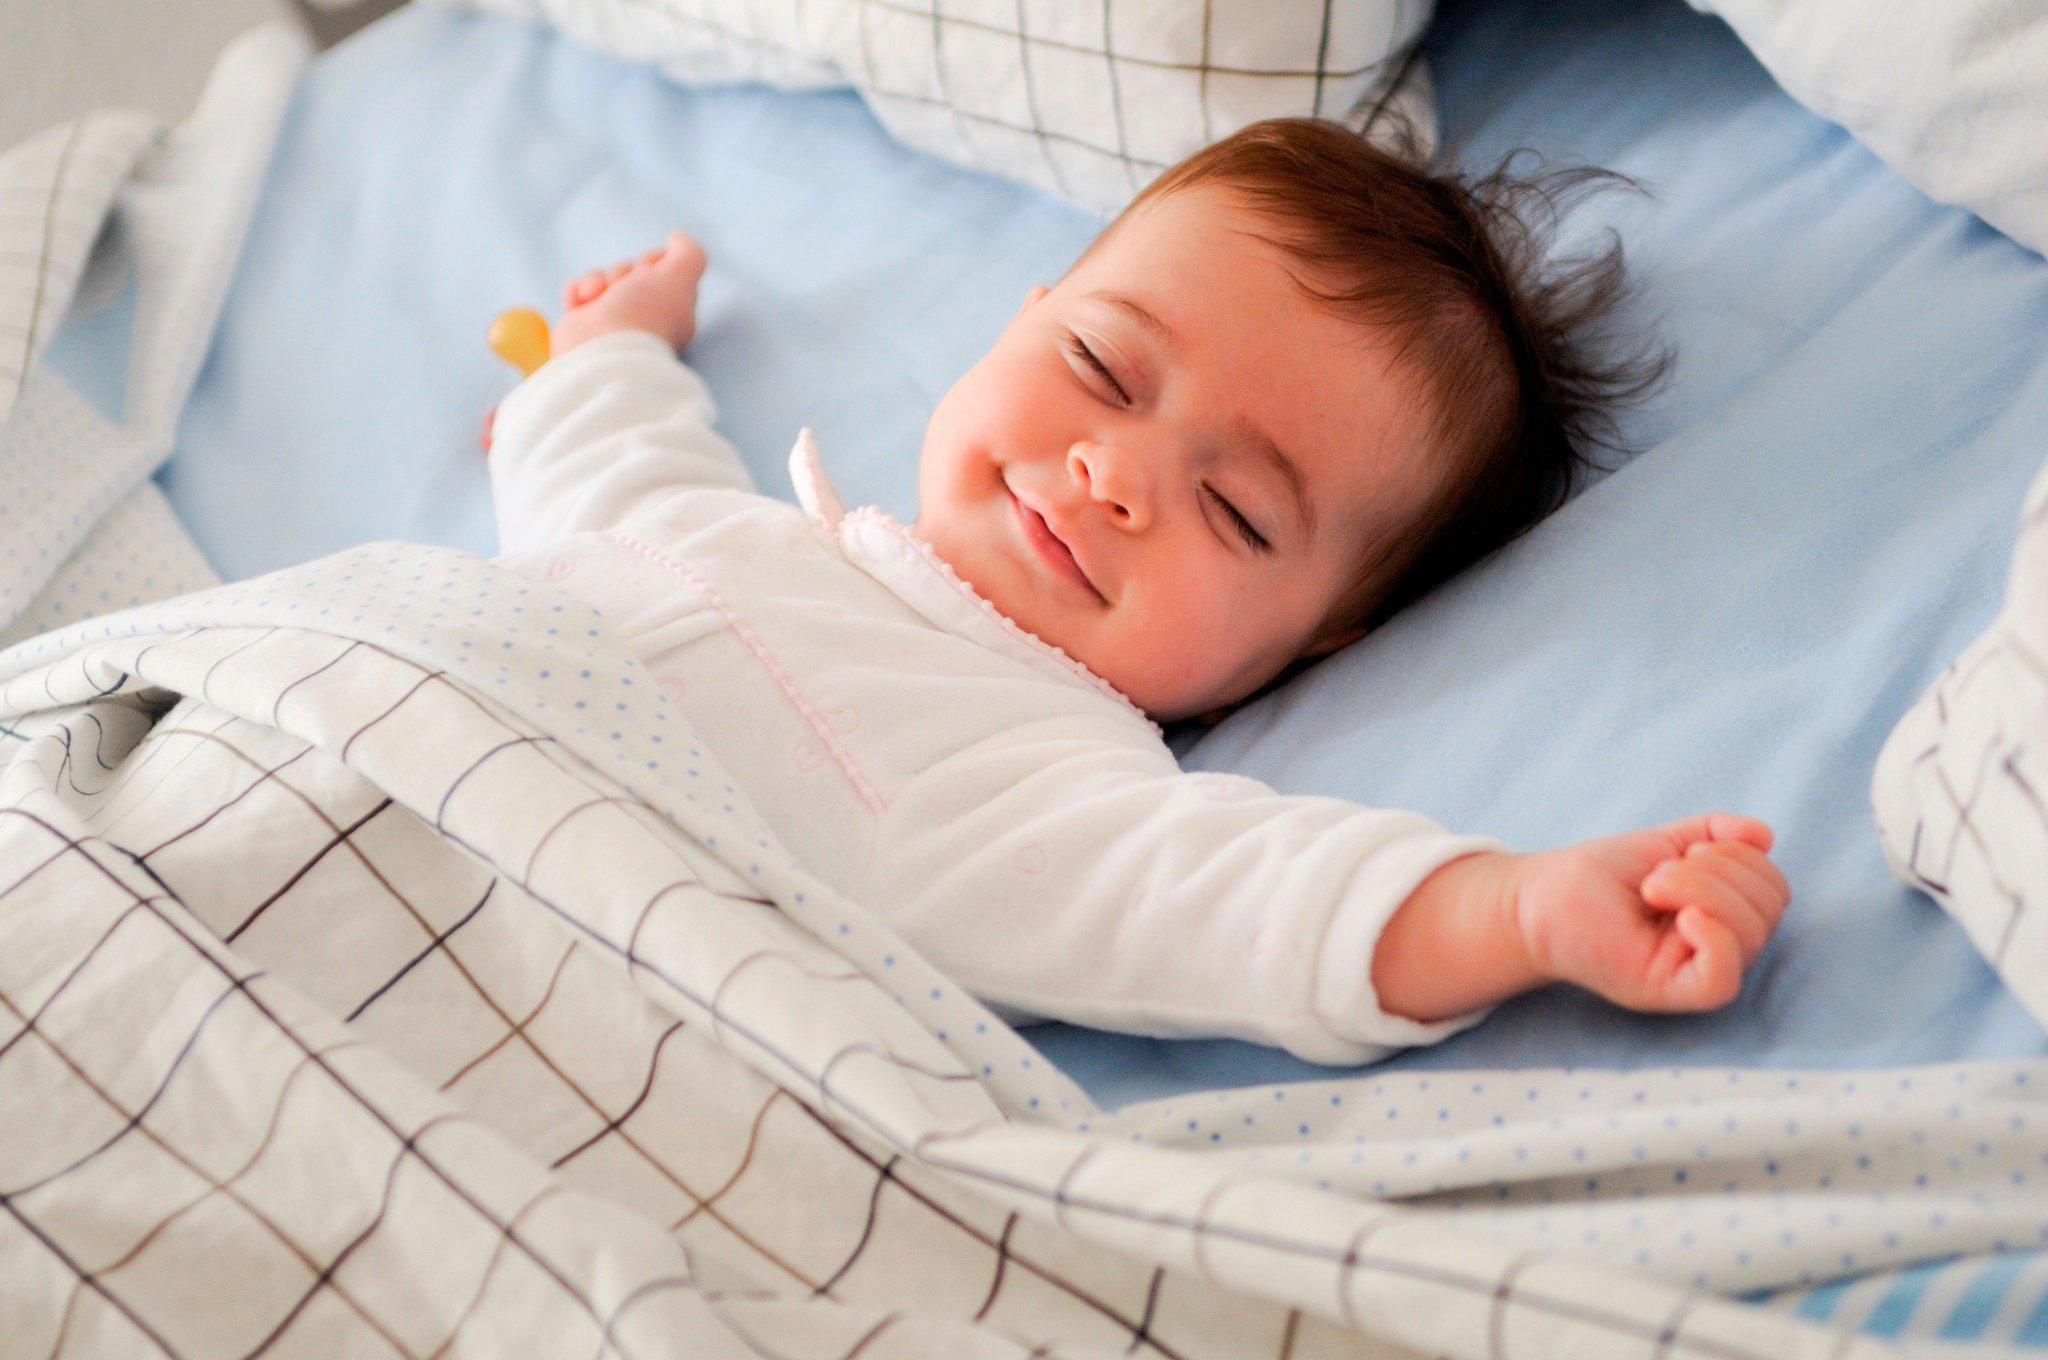 Картинки в тему новорожденных, днем